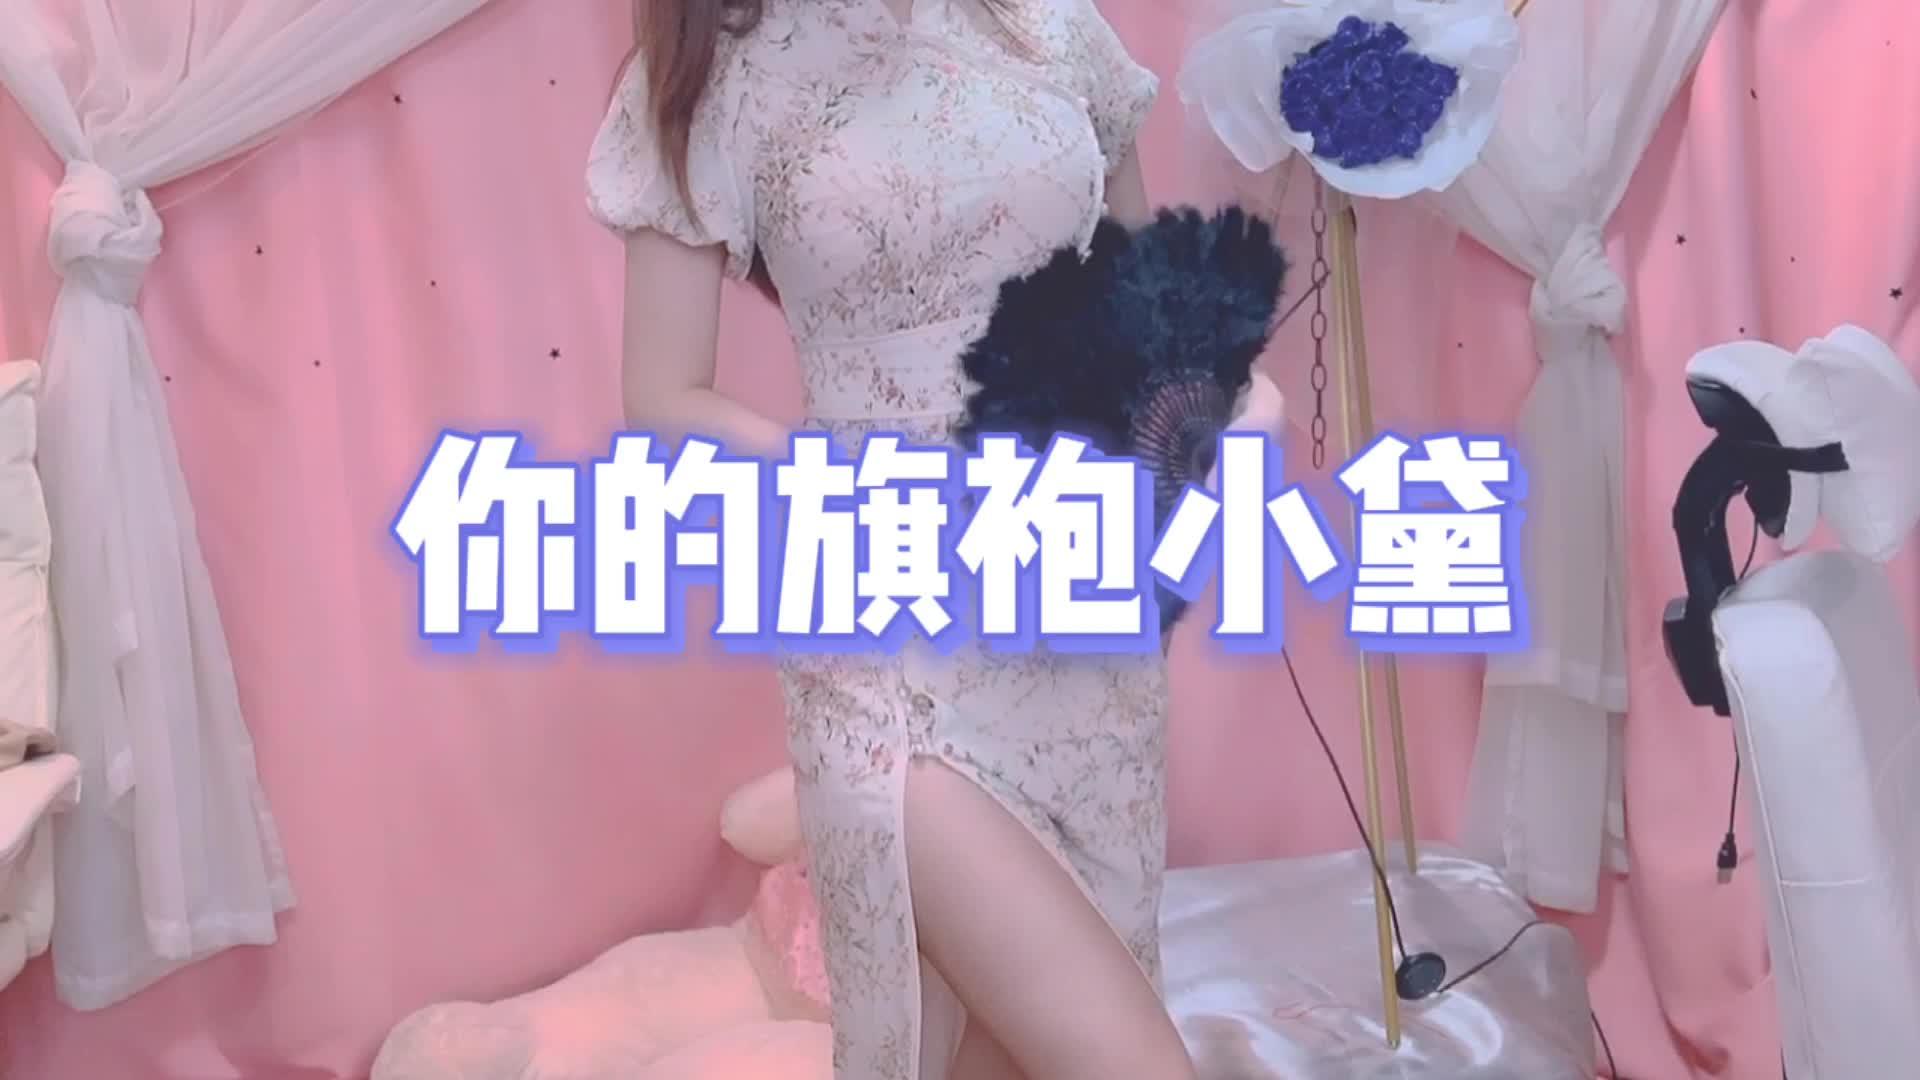 长腿妹妹试穿法式复古旗袍, 大开叉显腿长有些羞涩, 粉丝: 性感!